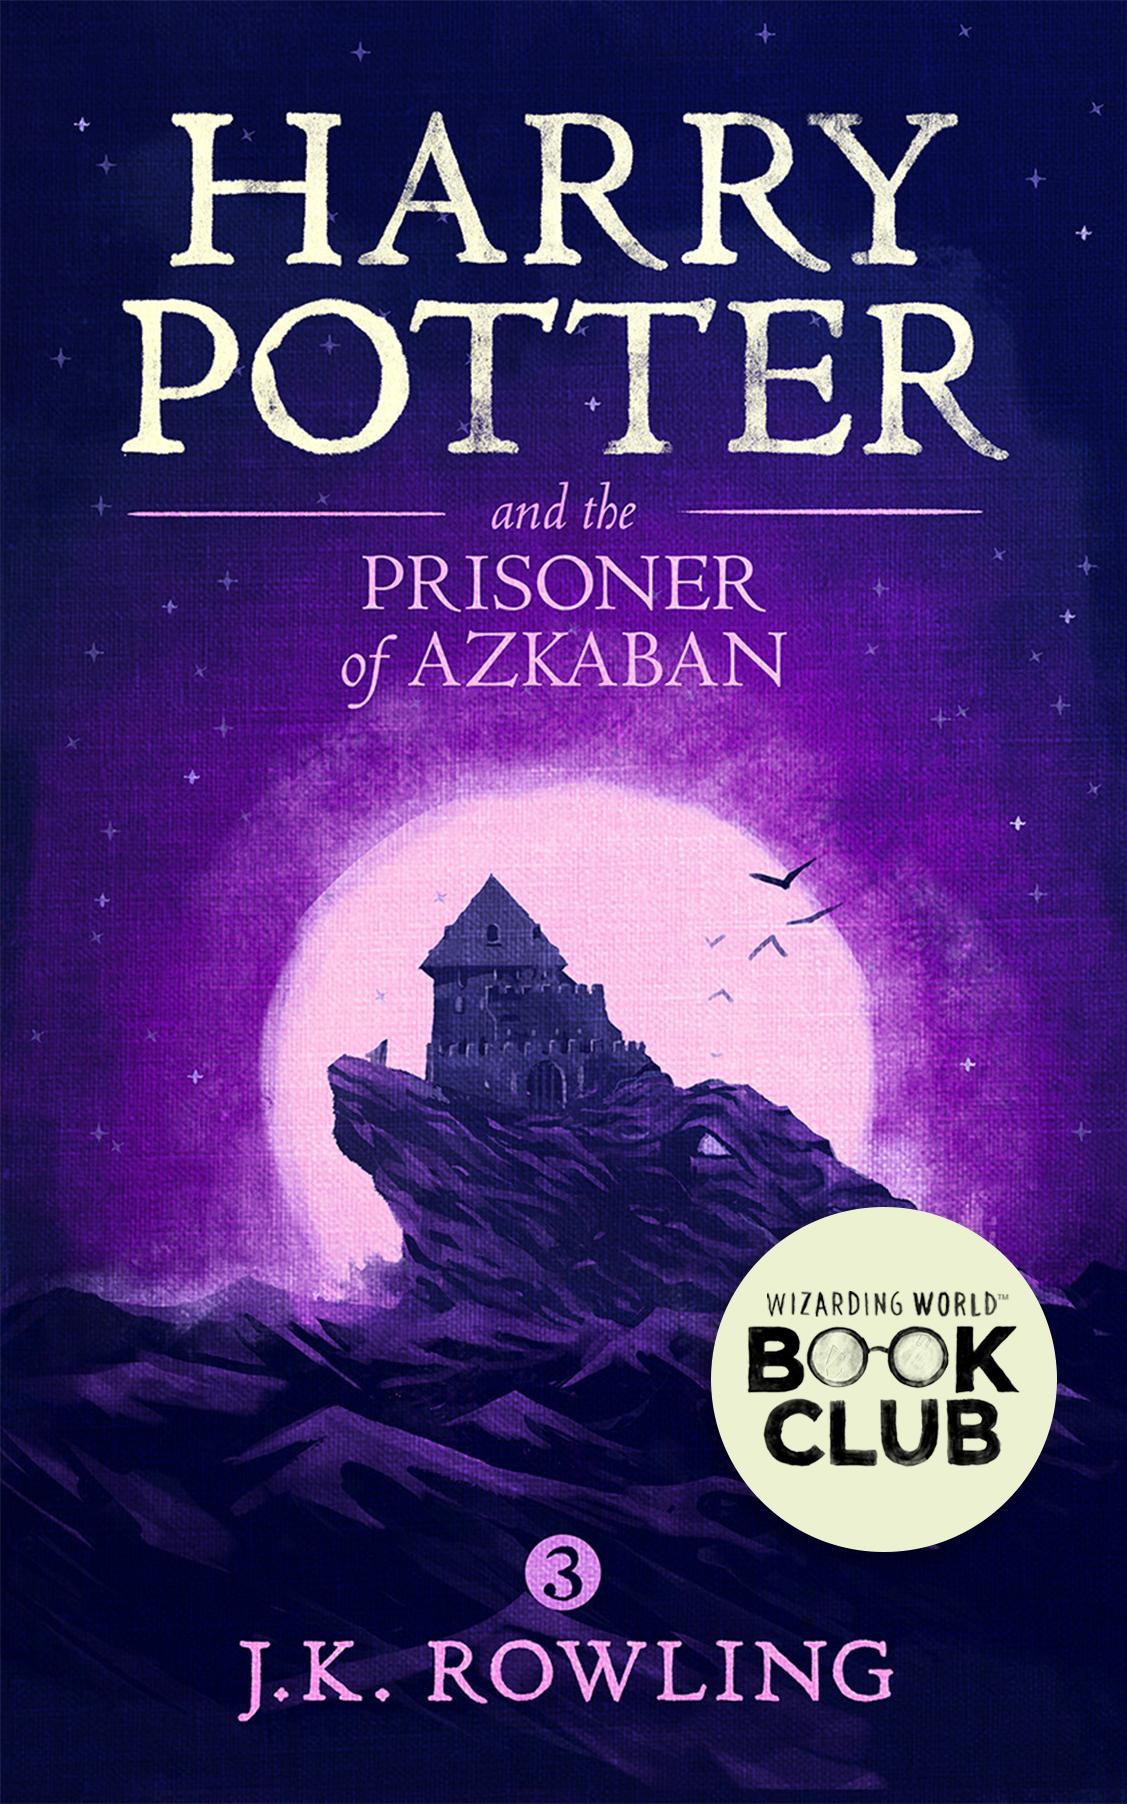 Harry Potter and the Prisoner of Azkaban | Rowling, J.K.